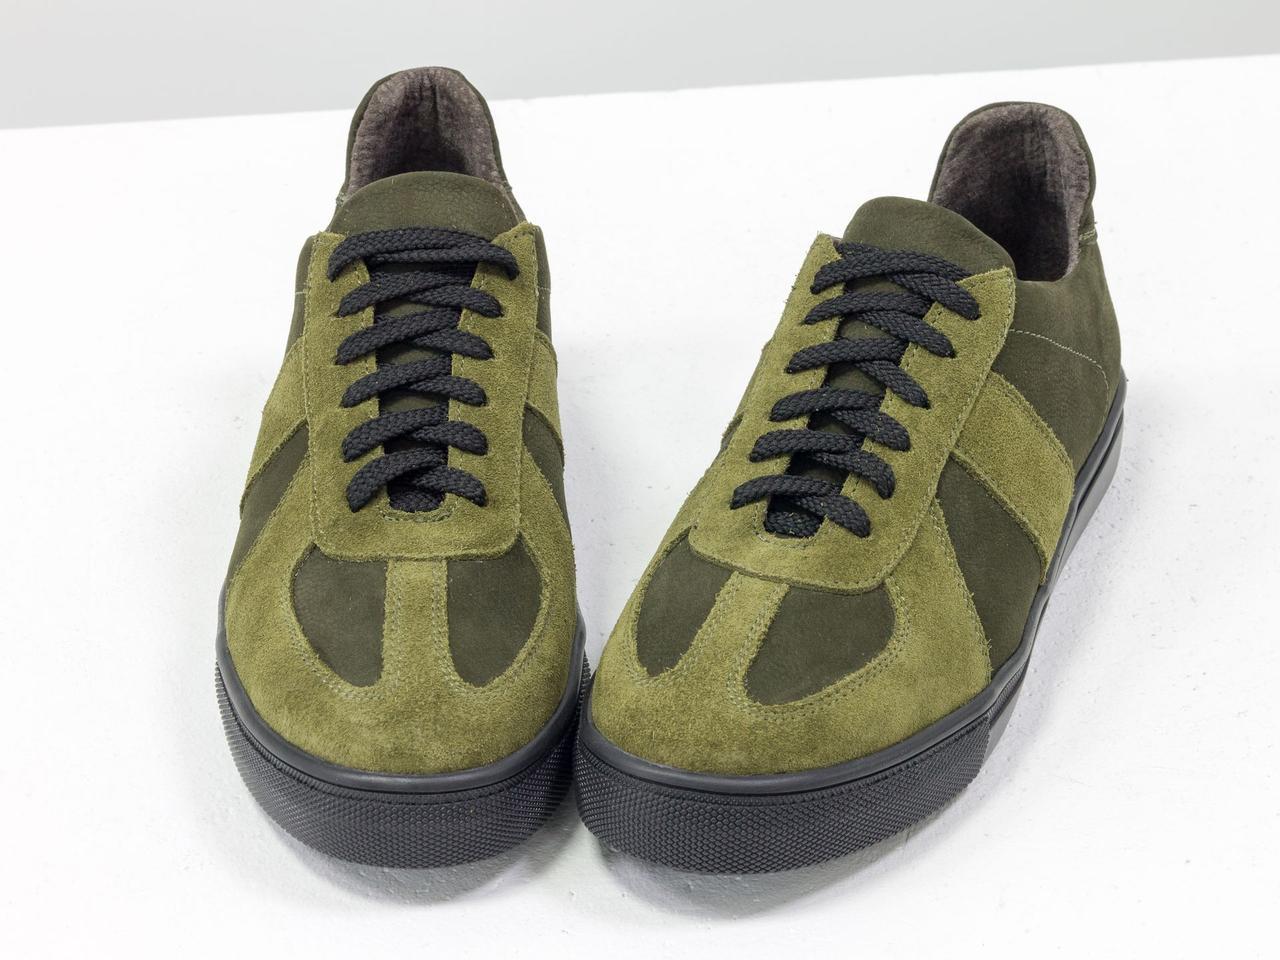 Стильные кроссовки из натуральной замши и матовой кожи оливкового и болотного цвета 41 - фото 3